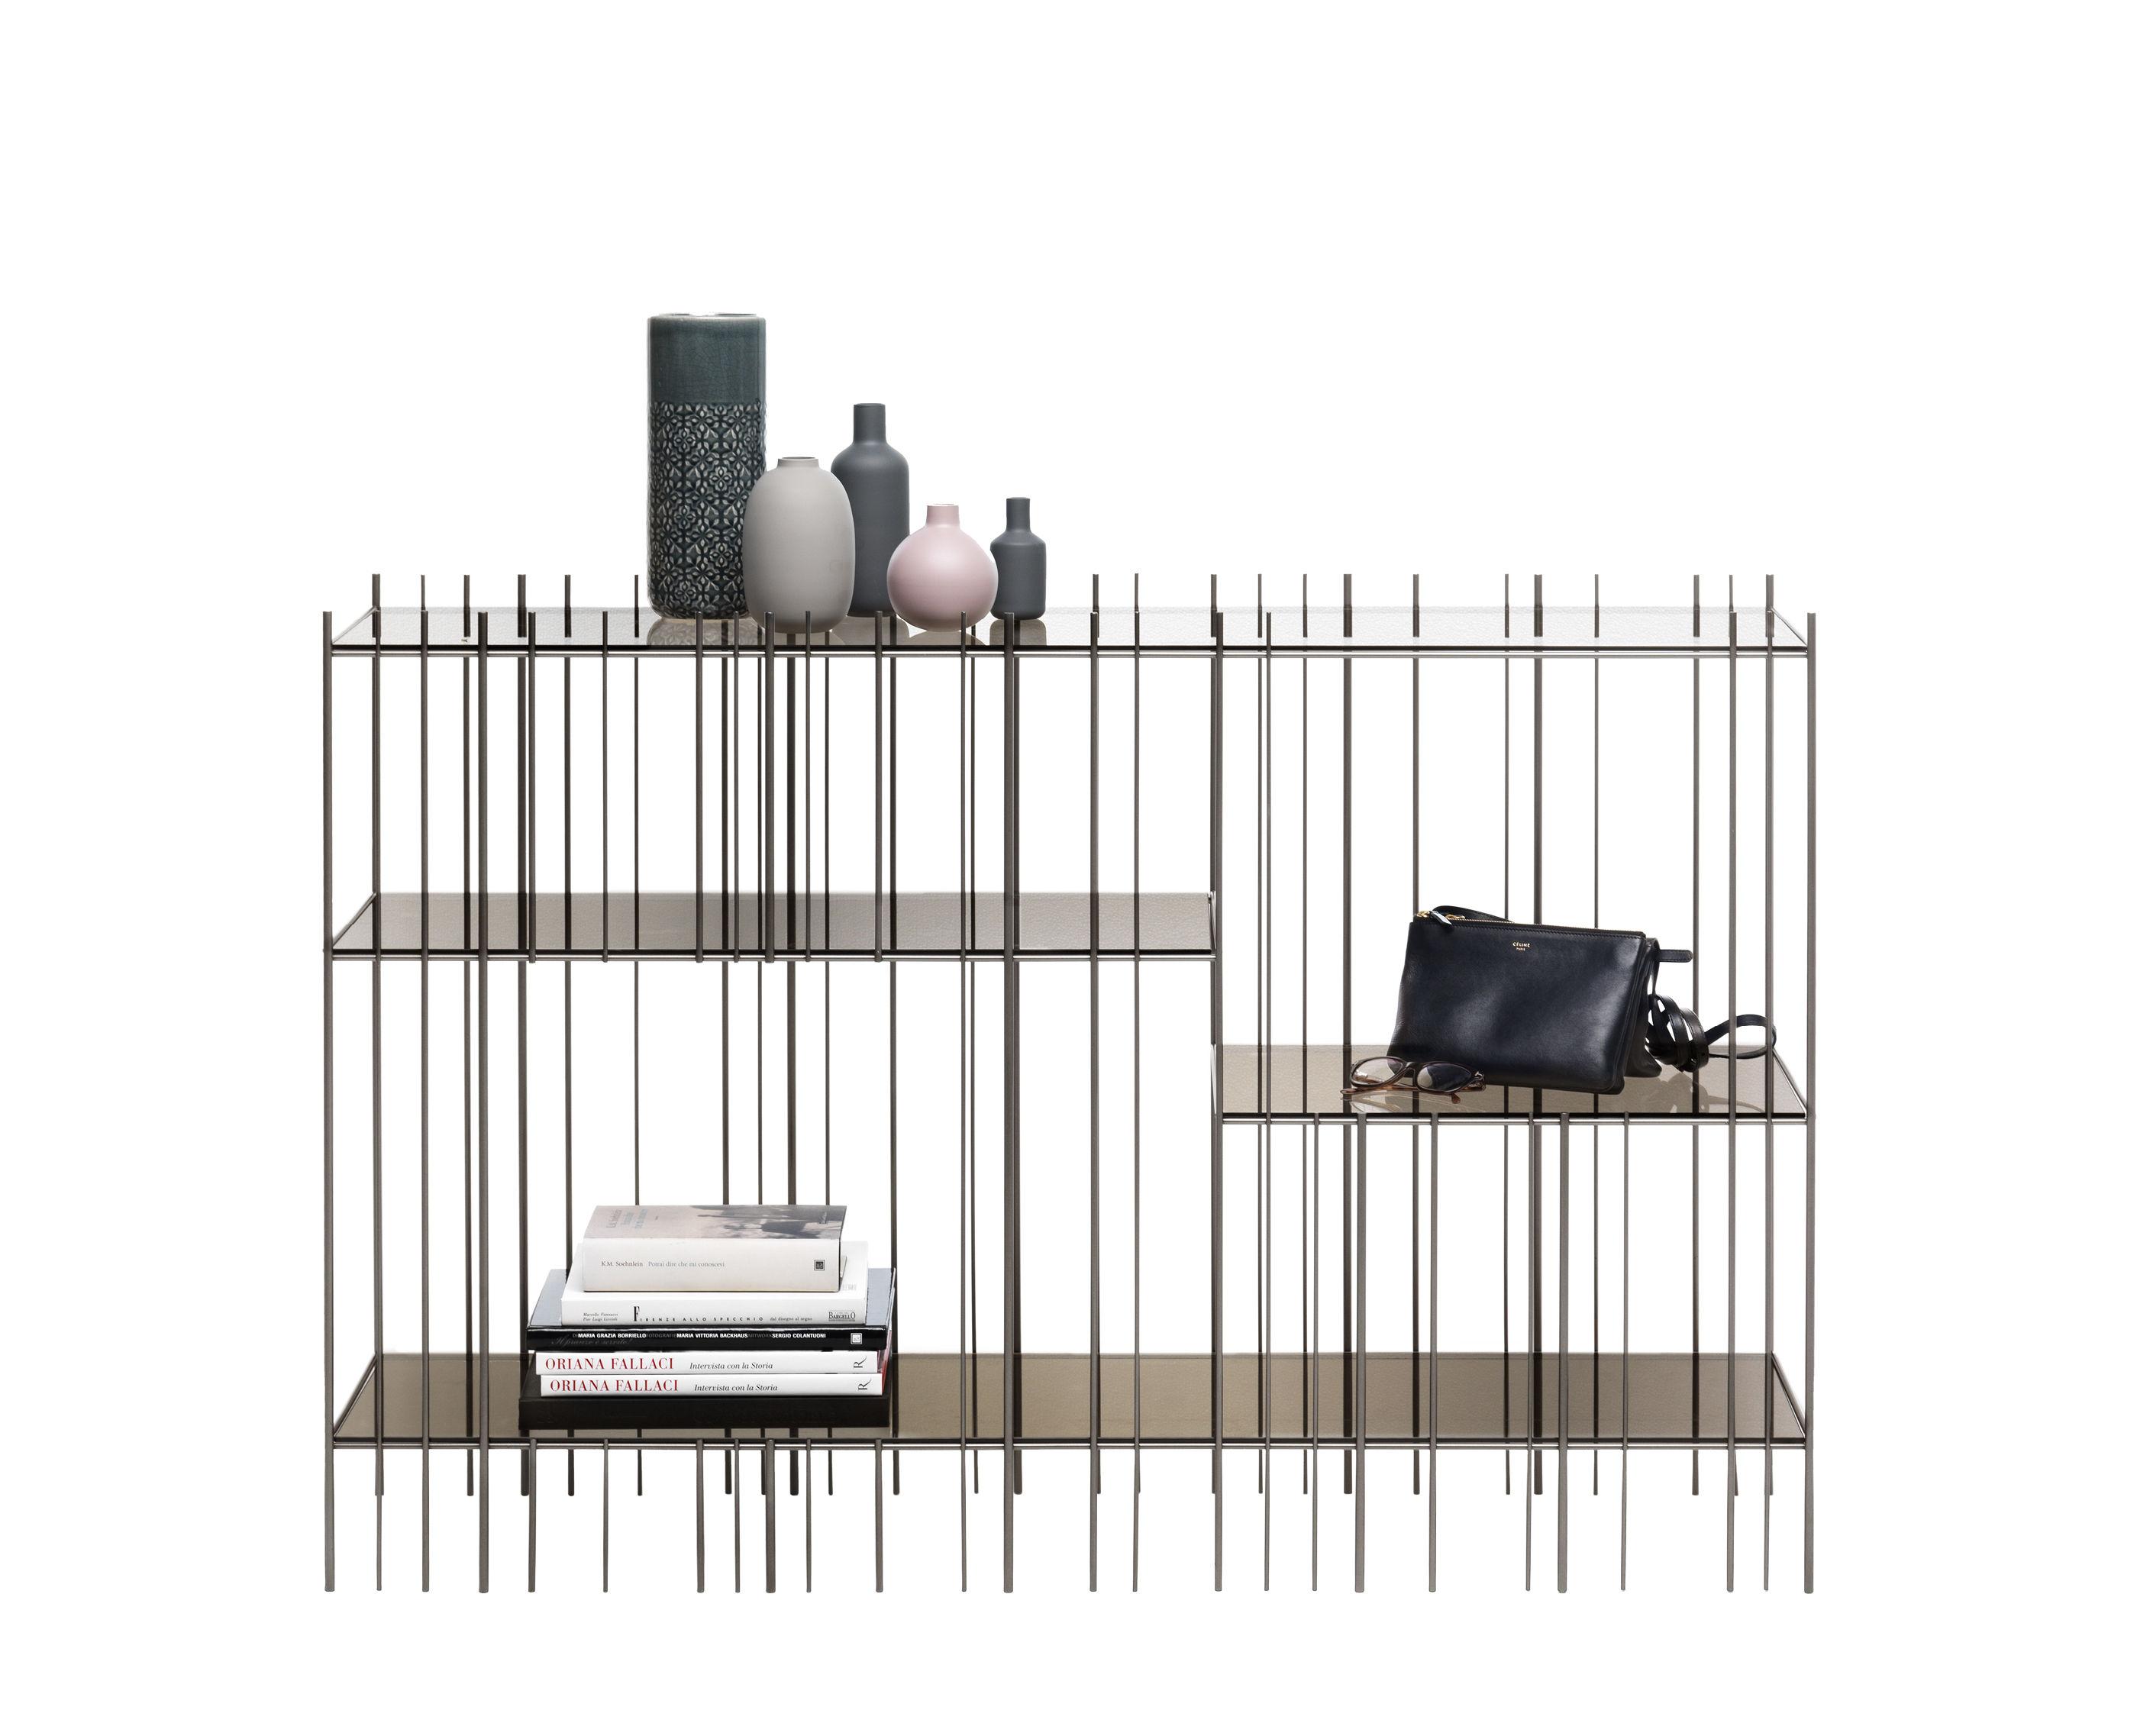 Mobilier - Etagères & bibliothèques - Console Metrica / 125 x 84 cm - Acier & verre - Mogg - Bruni - Acier, Verre